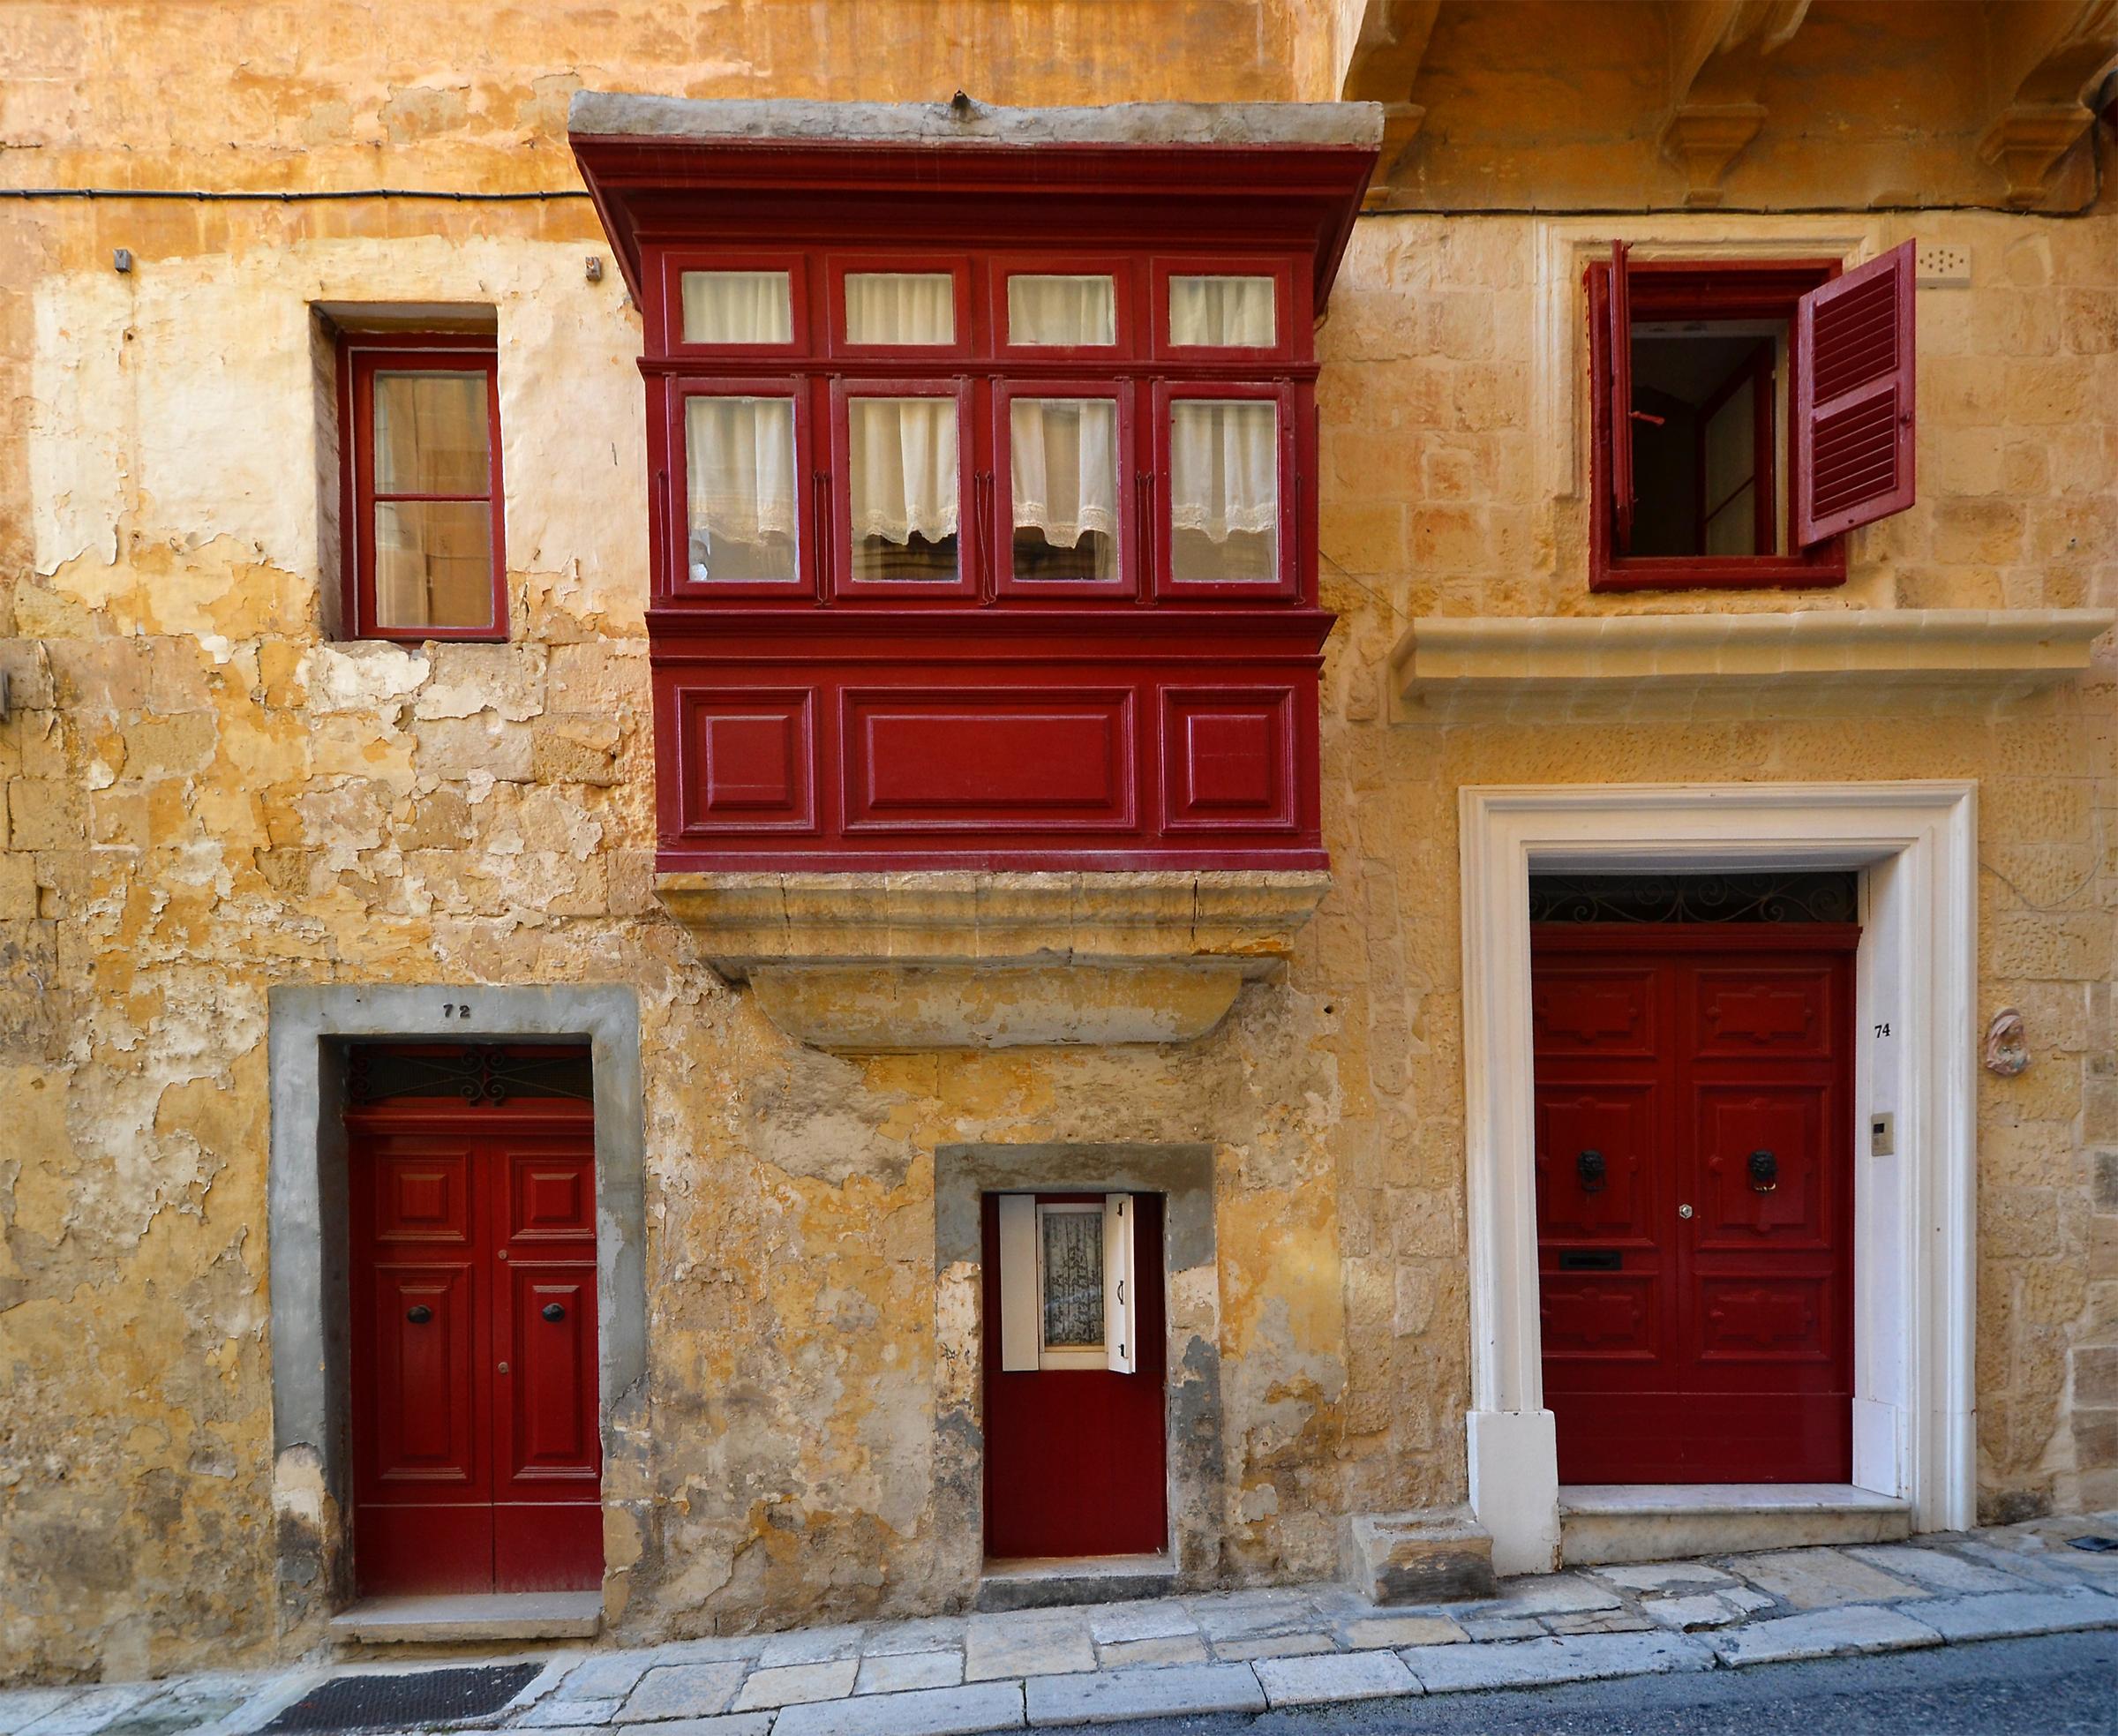 hintergrundbilder t r fenster rot tapete haus die architektur fassade mittelmeer. Black Bedroom Furniture Sets. Home Design Ideas